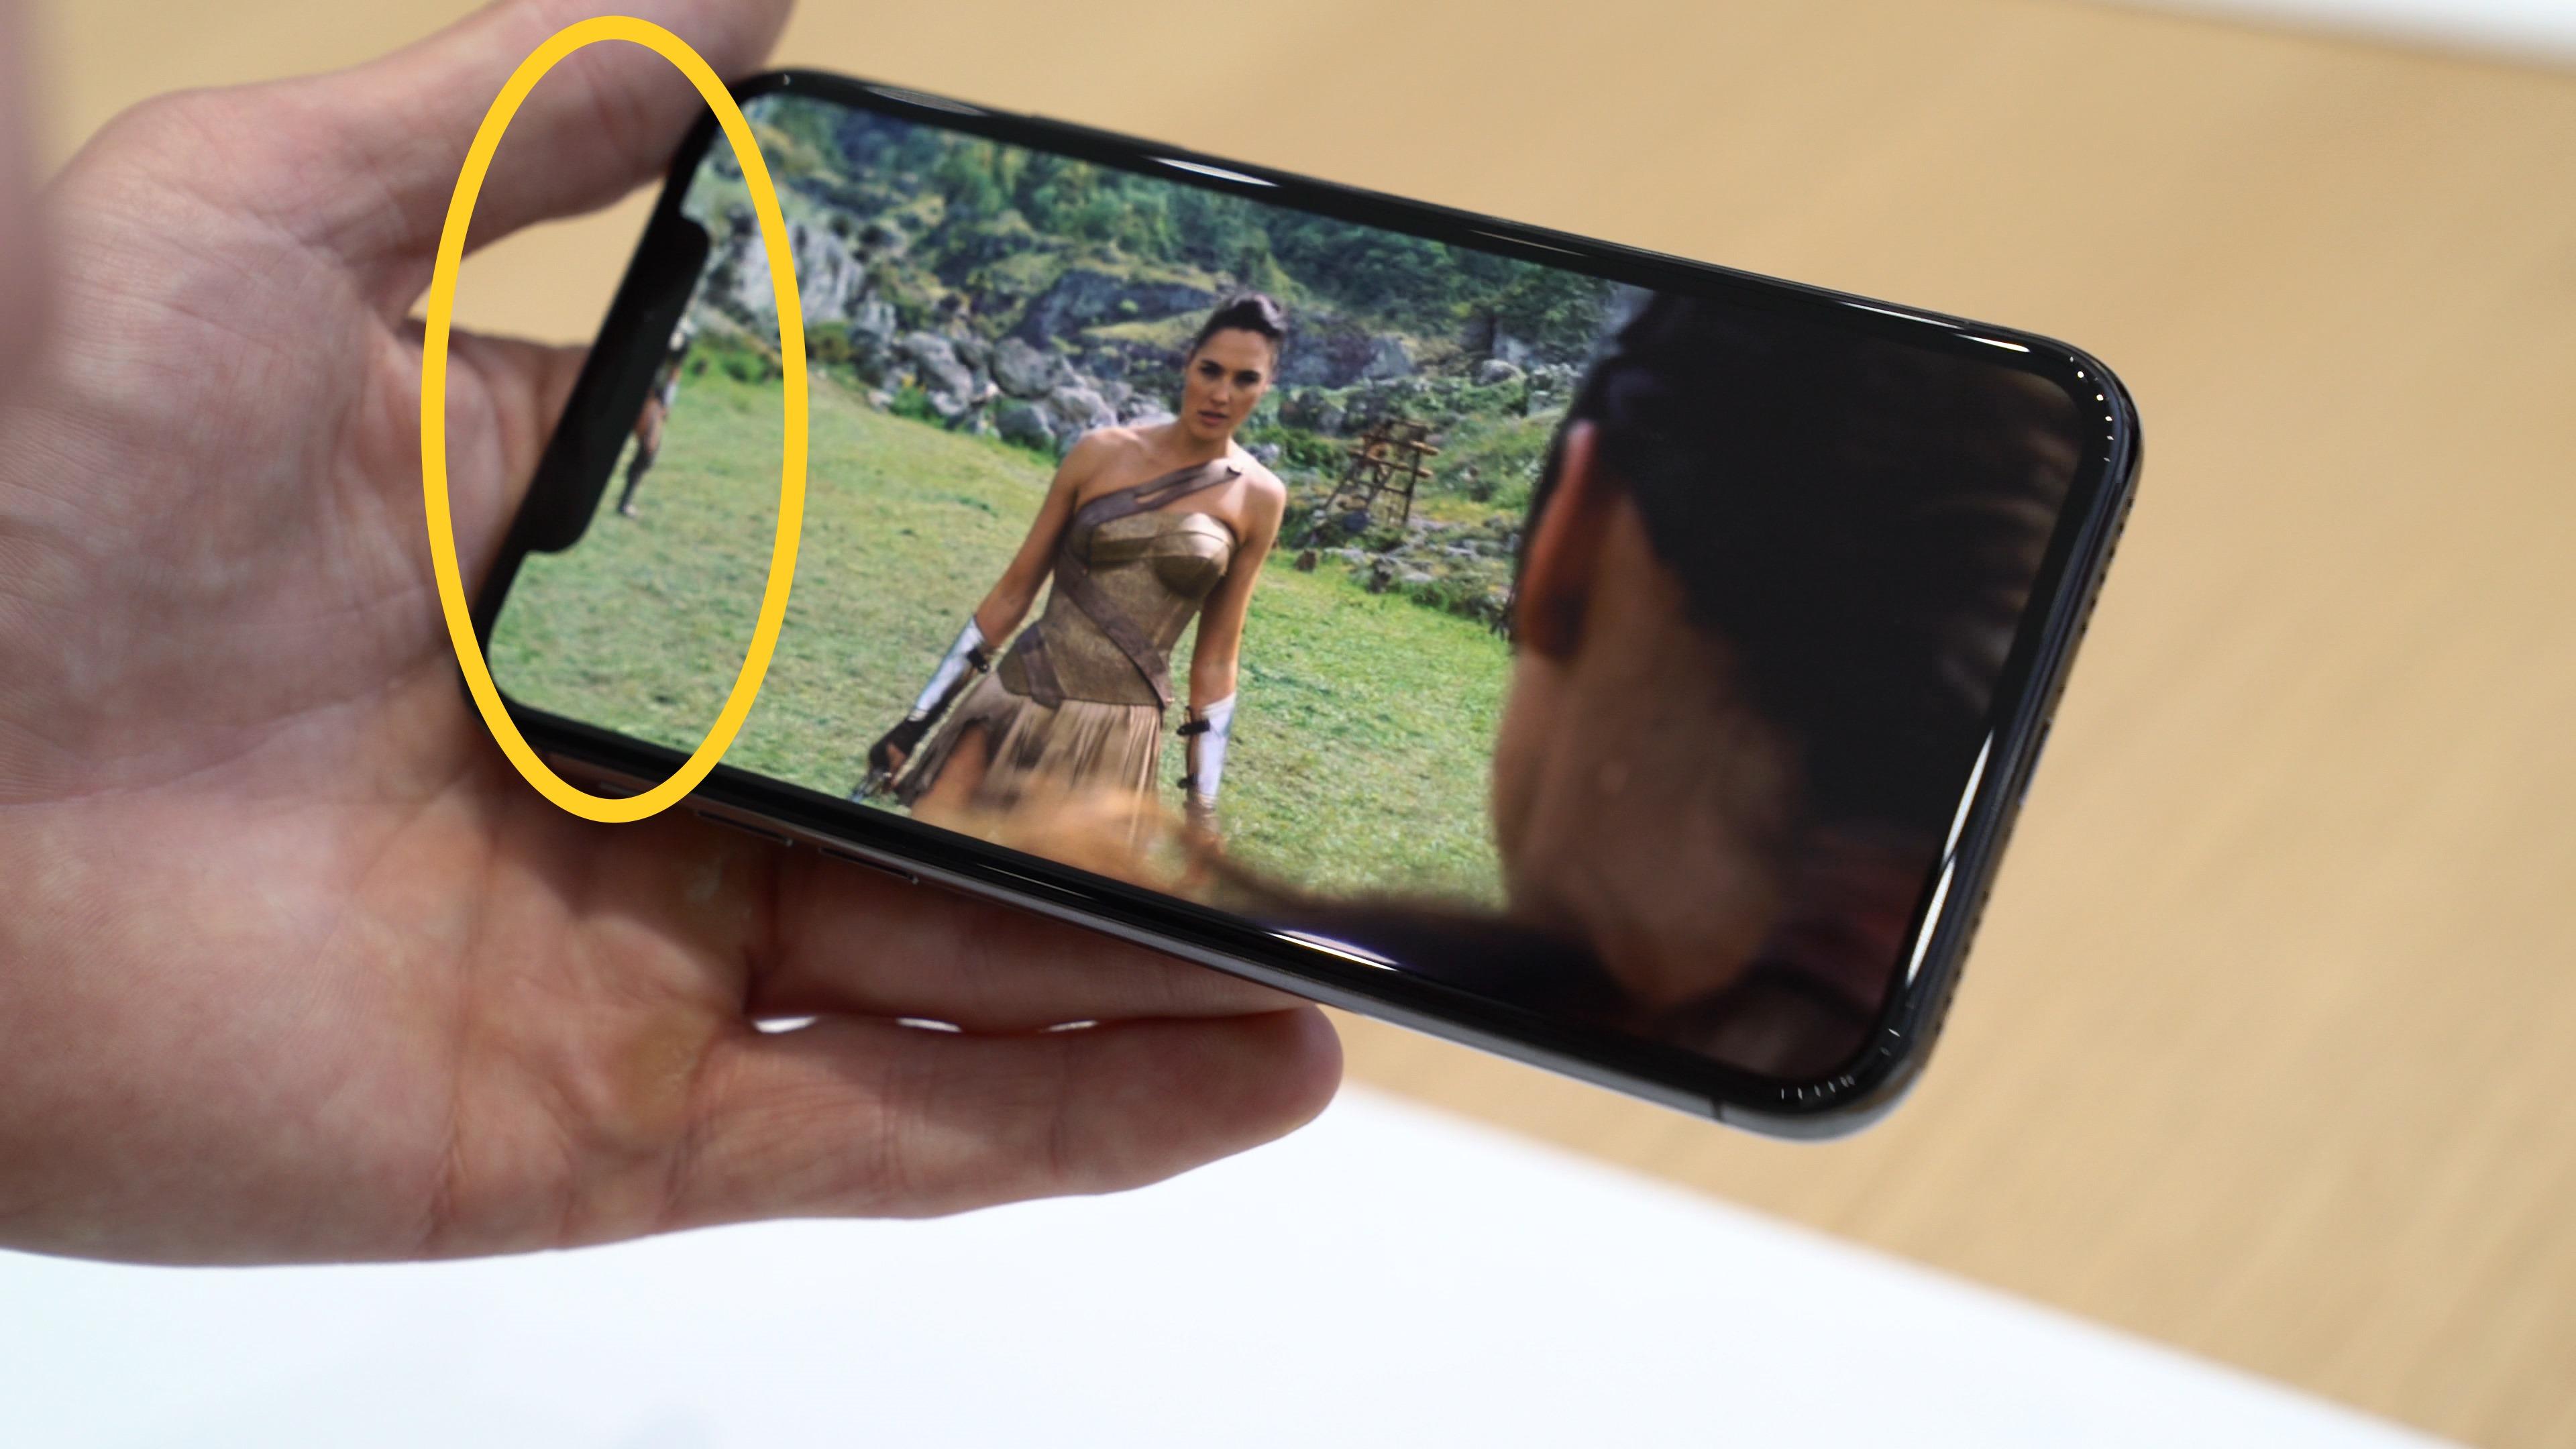 8 ưu điểm từ iPhone 8/8 Plus sẽ khiến bạn không còn mặn mà với iPhone X như trước nữa - Ảnh 4.